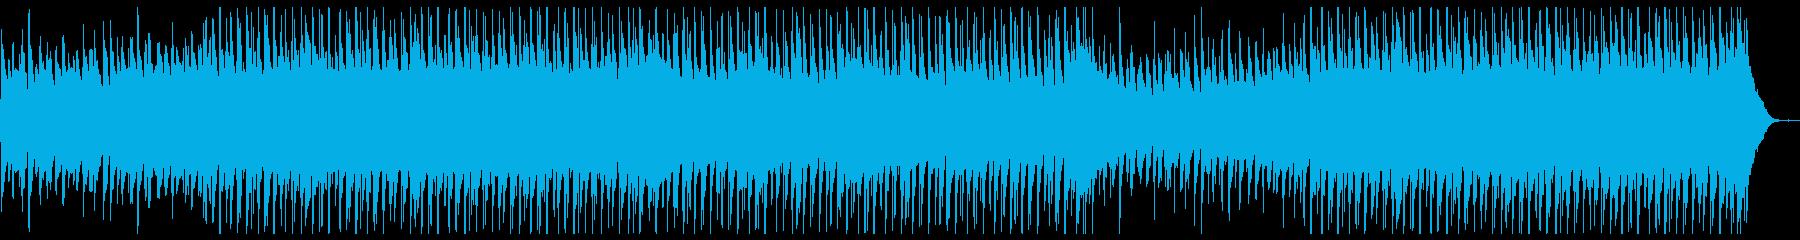 さわやかで軽快なアコースティックポップ の再生済みの波形